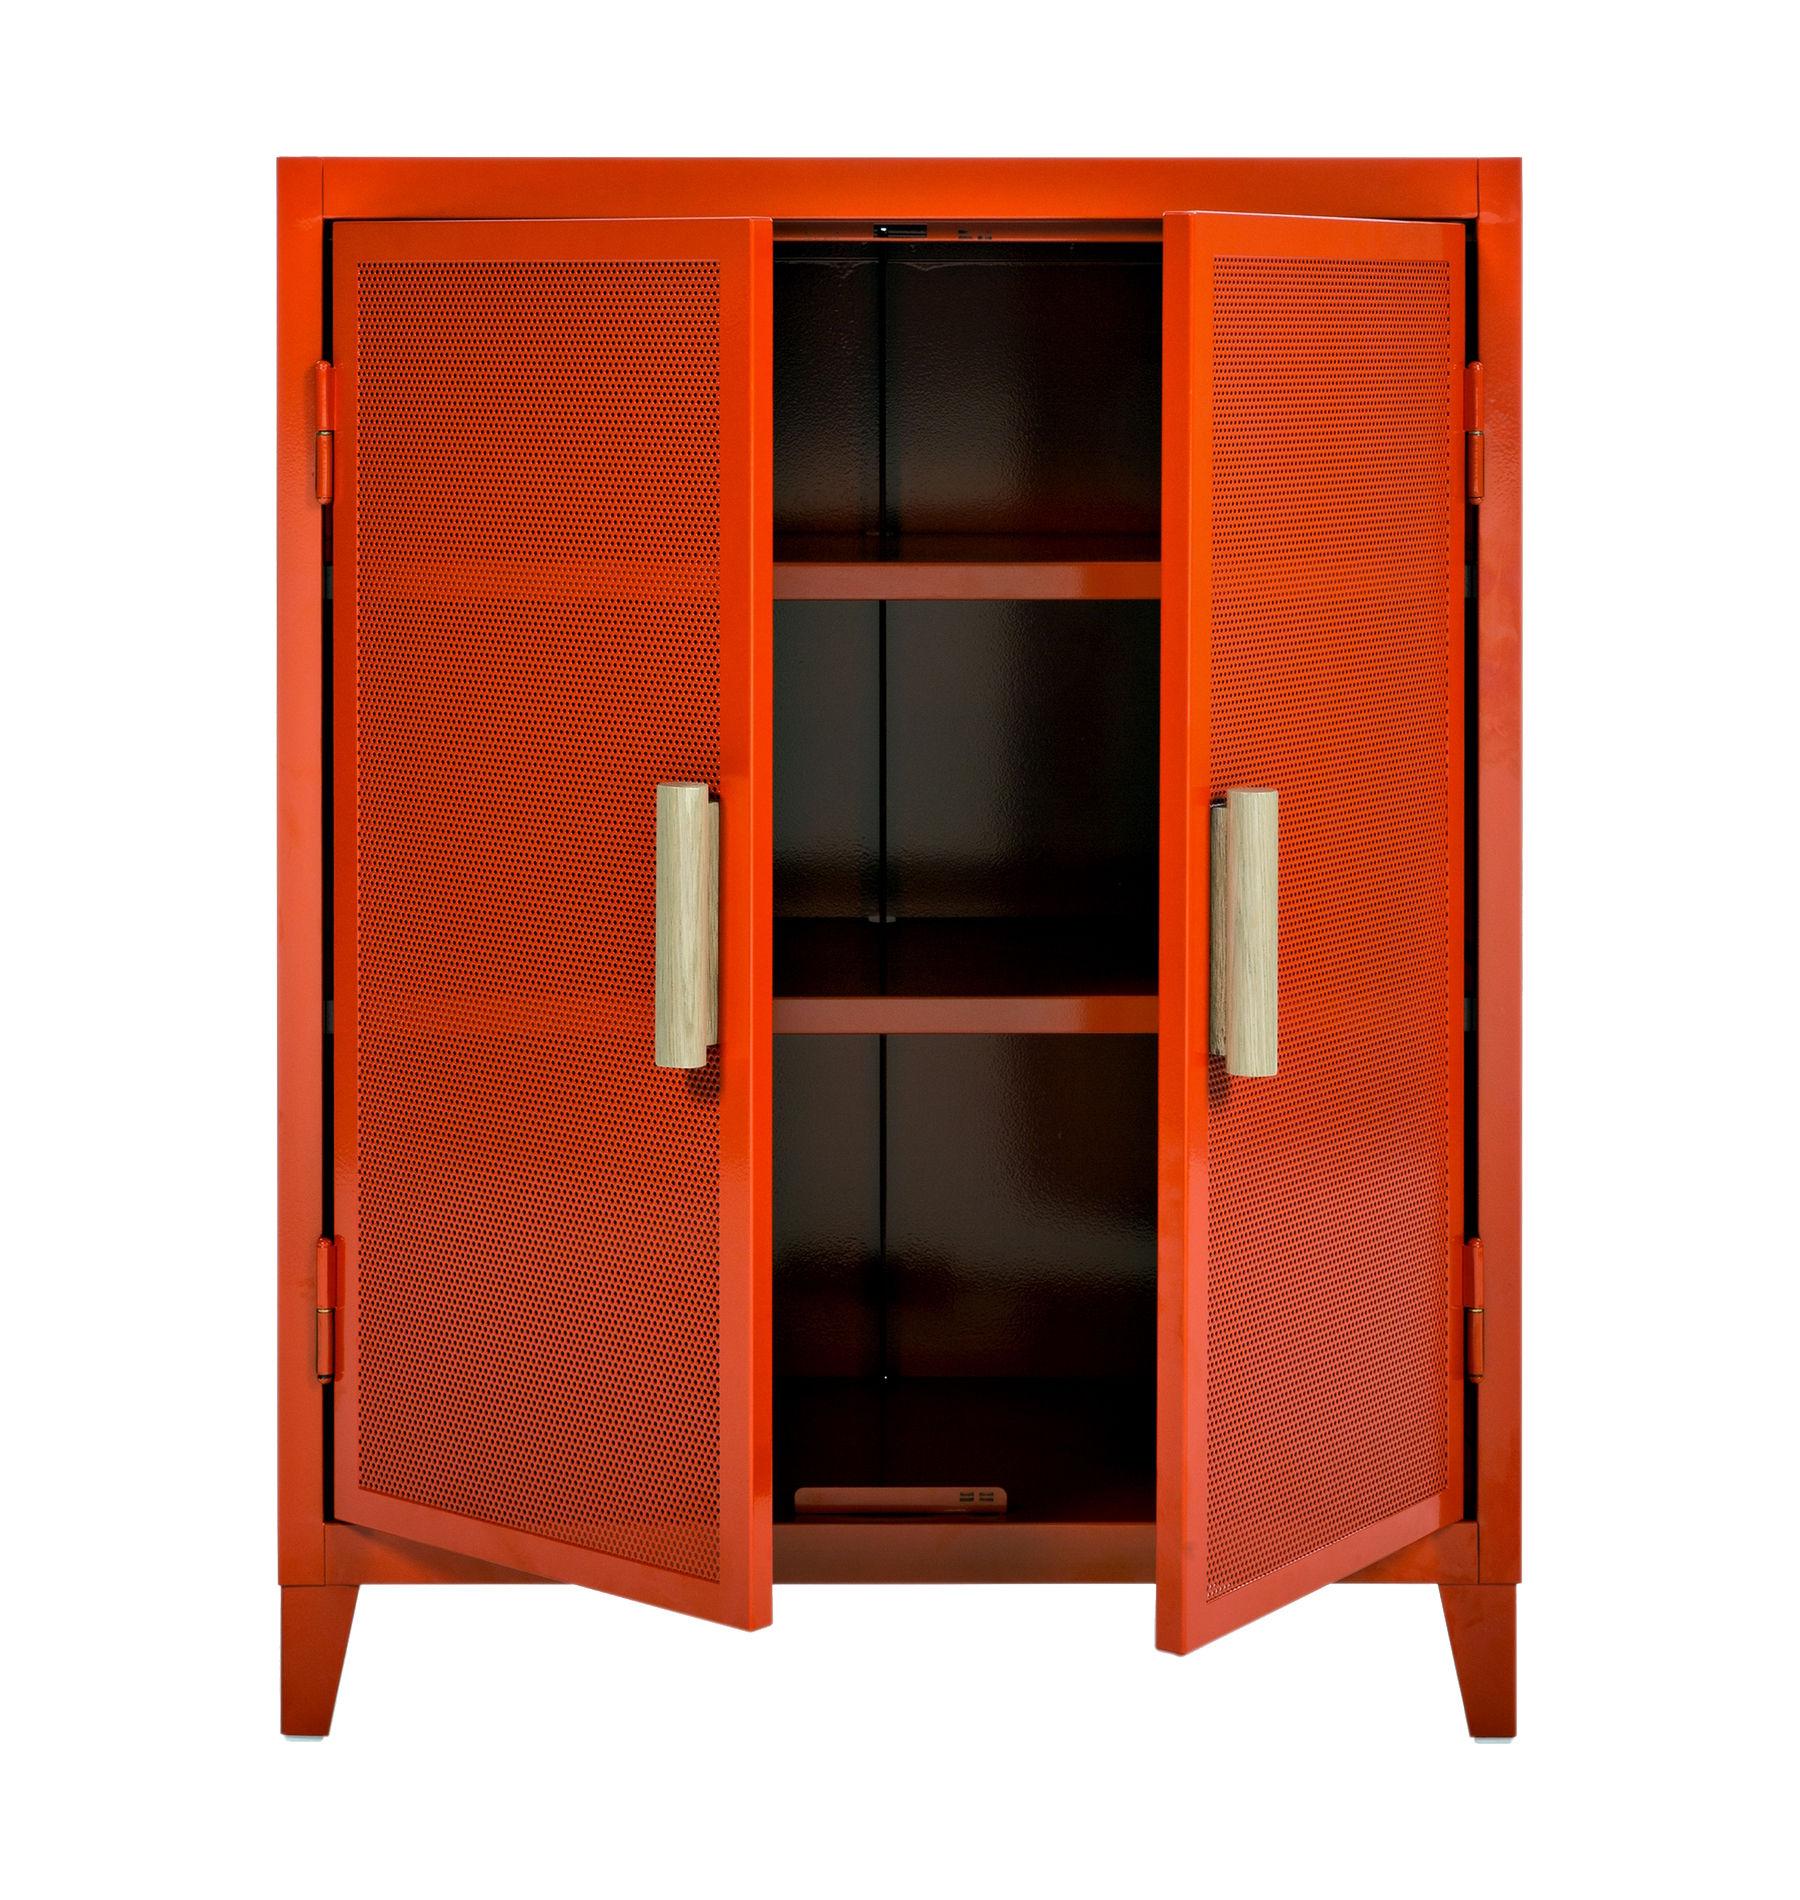 rangement vestiaire bas acier perfor ch ne potiron poign es ch ne tolix. Black Bedroom Furniture Sets. Home Design Ideas